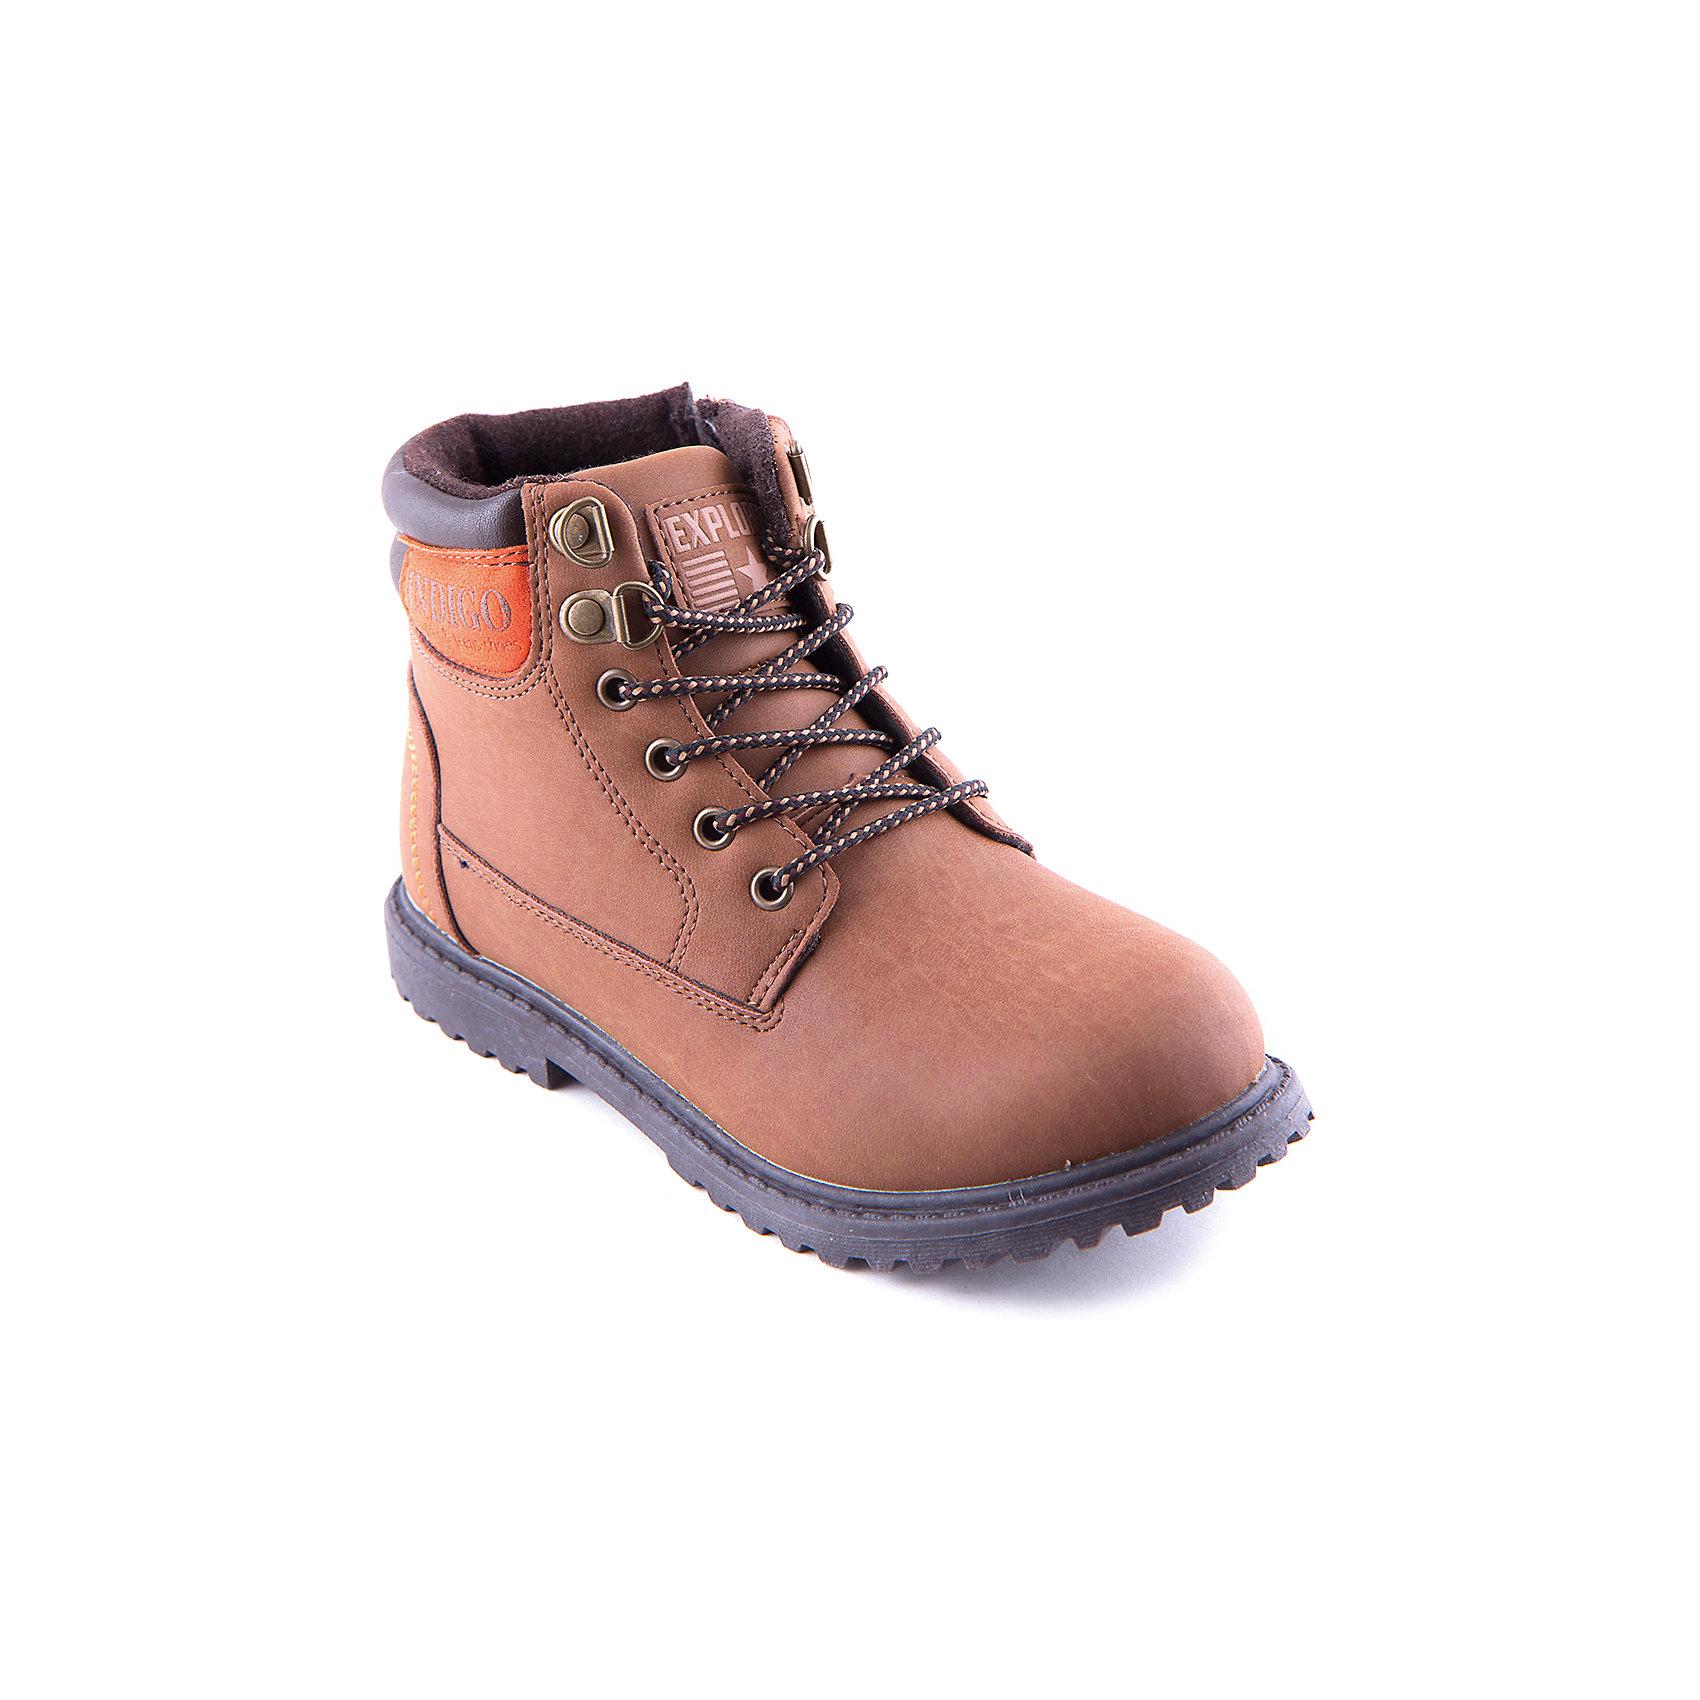 Ботинки для мальчика Indigo kidsБотинки для мальчика Indigo kids удобный и практичный вариант для холодной погоды. Модель  выполнена из высококачественных материалов, имеет мягкую теплую подкладку.  Ботинки завязываются на шнурки или же застегиваются на молнию, имеют рифленую подошву, декорированы аппликацией. <br><br>Дополнительная информация:<br><br>- Сезон: осень/весна<br>- Температурный режим: от +10? до - 5?.<br>- Тип застежки:  молния, шнурки.<br>- Рифленая подошва.<br>- Декоративные элементы:  аппликация.<br>Параметры для размера 32<br>- Толщина подошвы: 1,5 см.<br>- Высота каблука: 2 см.<br>Состав:<br>Материал верха: кожа искусственная.<br>Материал подкладки: шерсть.<br>Стелька: шерсть.<br>Подошва: ТЭП.<br><br>Ботинки для мальчика Indigo kids (Индиго Кидс) можно купить в нашем магазине.<br><br>Ширина мм: 262<br>Глубина мм: 176<br>Высота мм: 97<br>Вес г: 427<br>Цвет: оранжевый<br>Возраст от месяцев: 108<br>Возраст до месяцев: 120<br>Пол: Мужской<br>Возраст: Детский<br>Размер: 33,35,32,37,36,34<br>SKU: 4262336